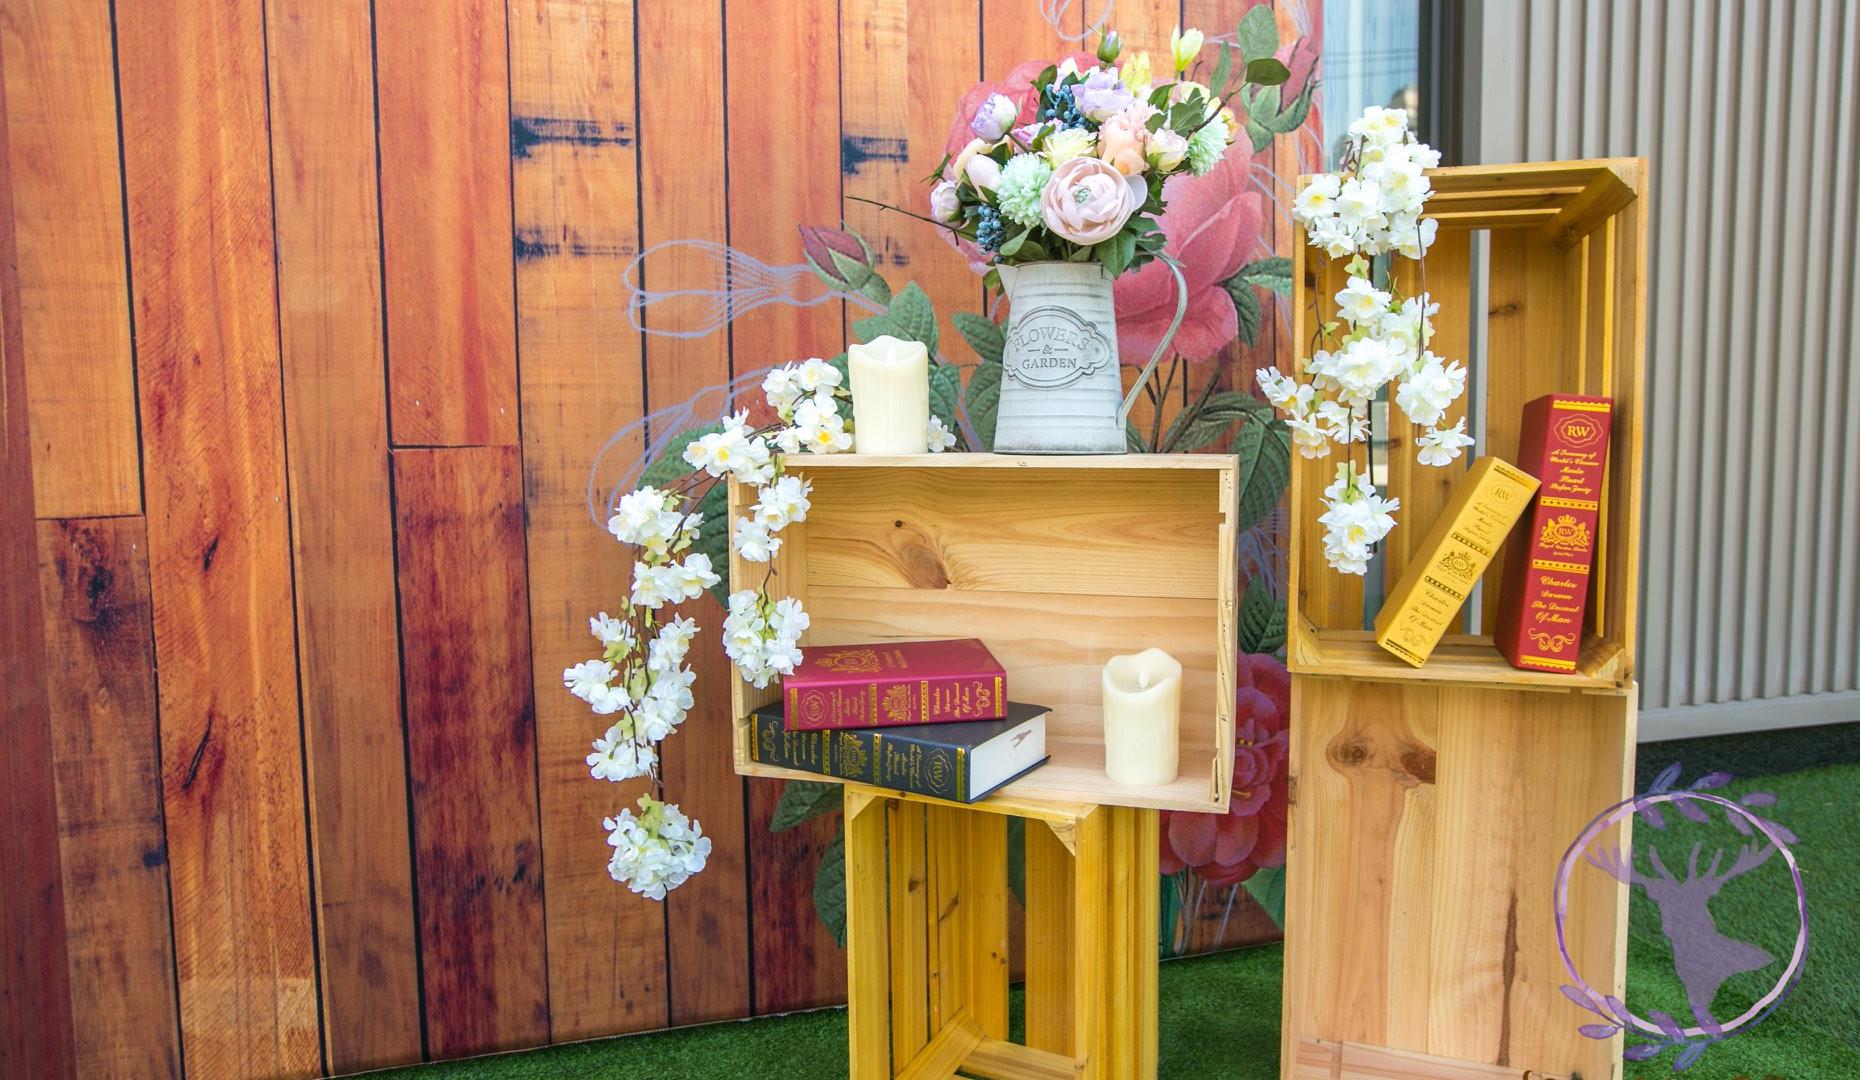 麋鹿小姐 婚禮背板出租 l 熱戀鄉村